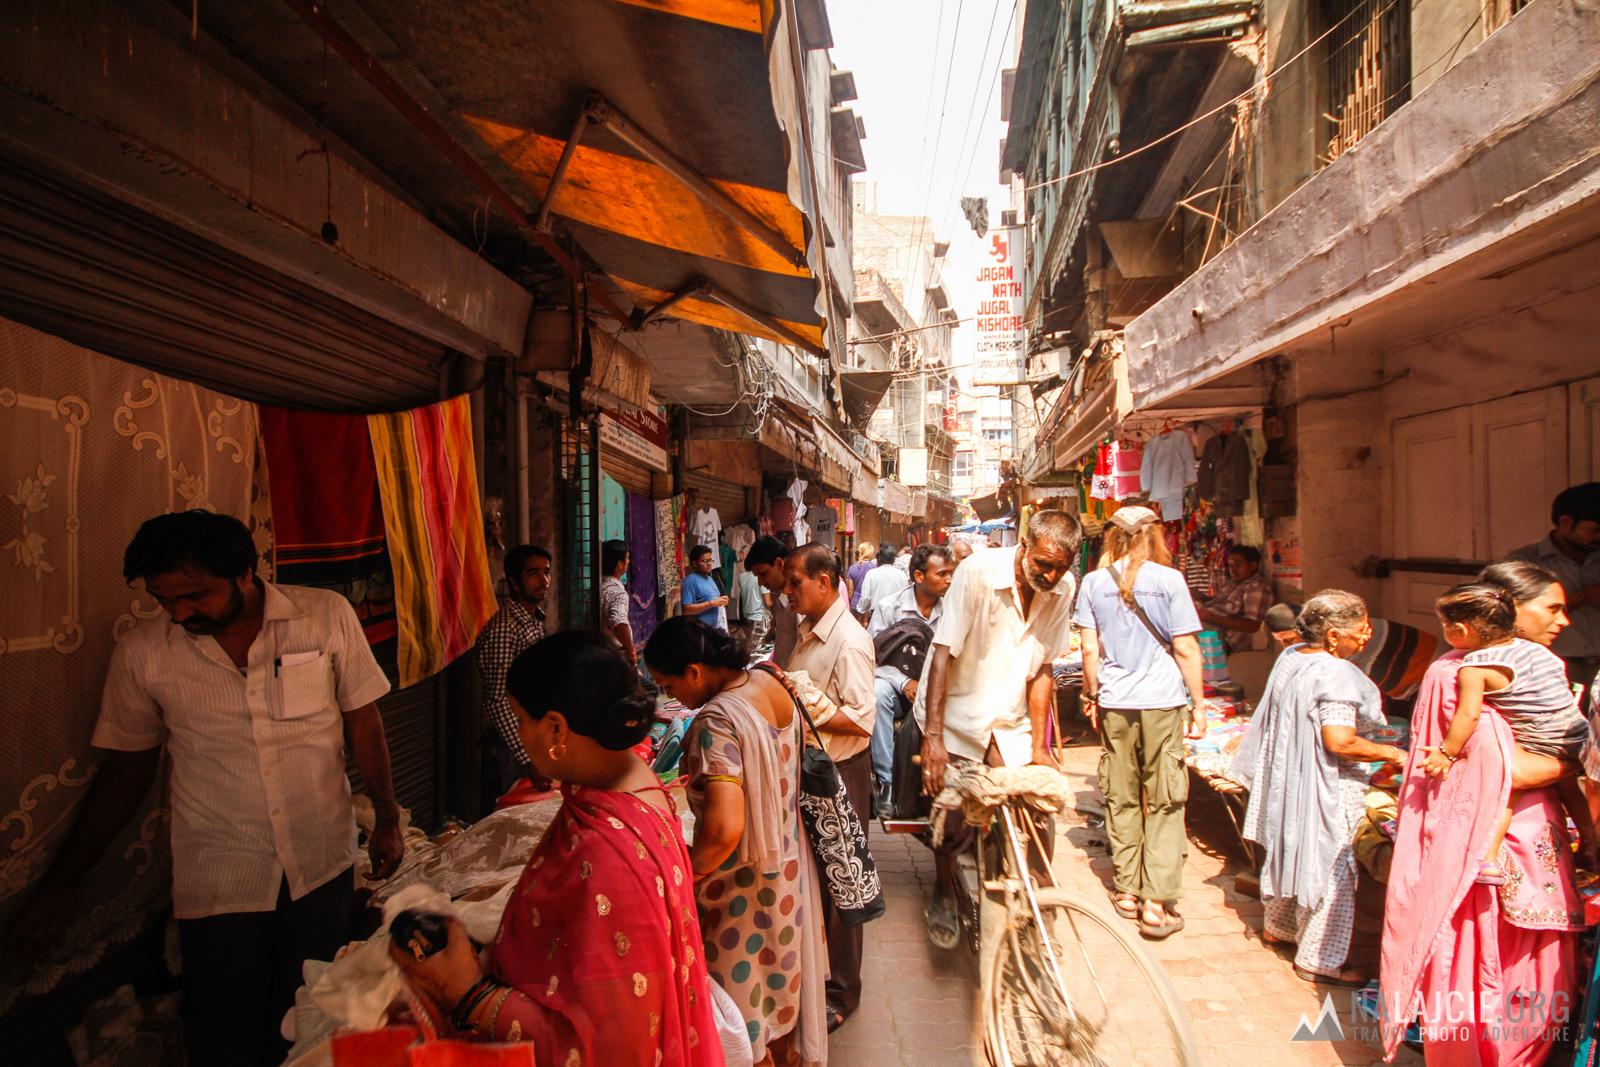 Bazar w Amritsarze